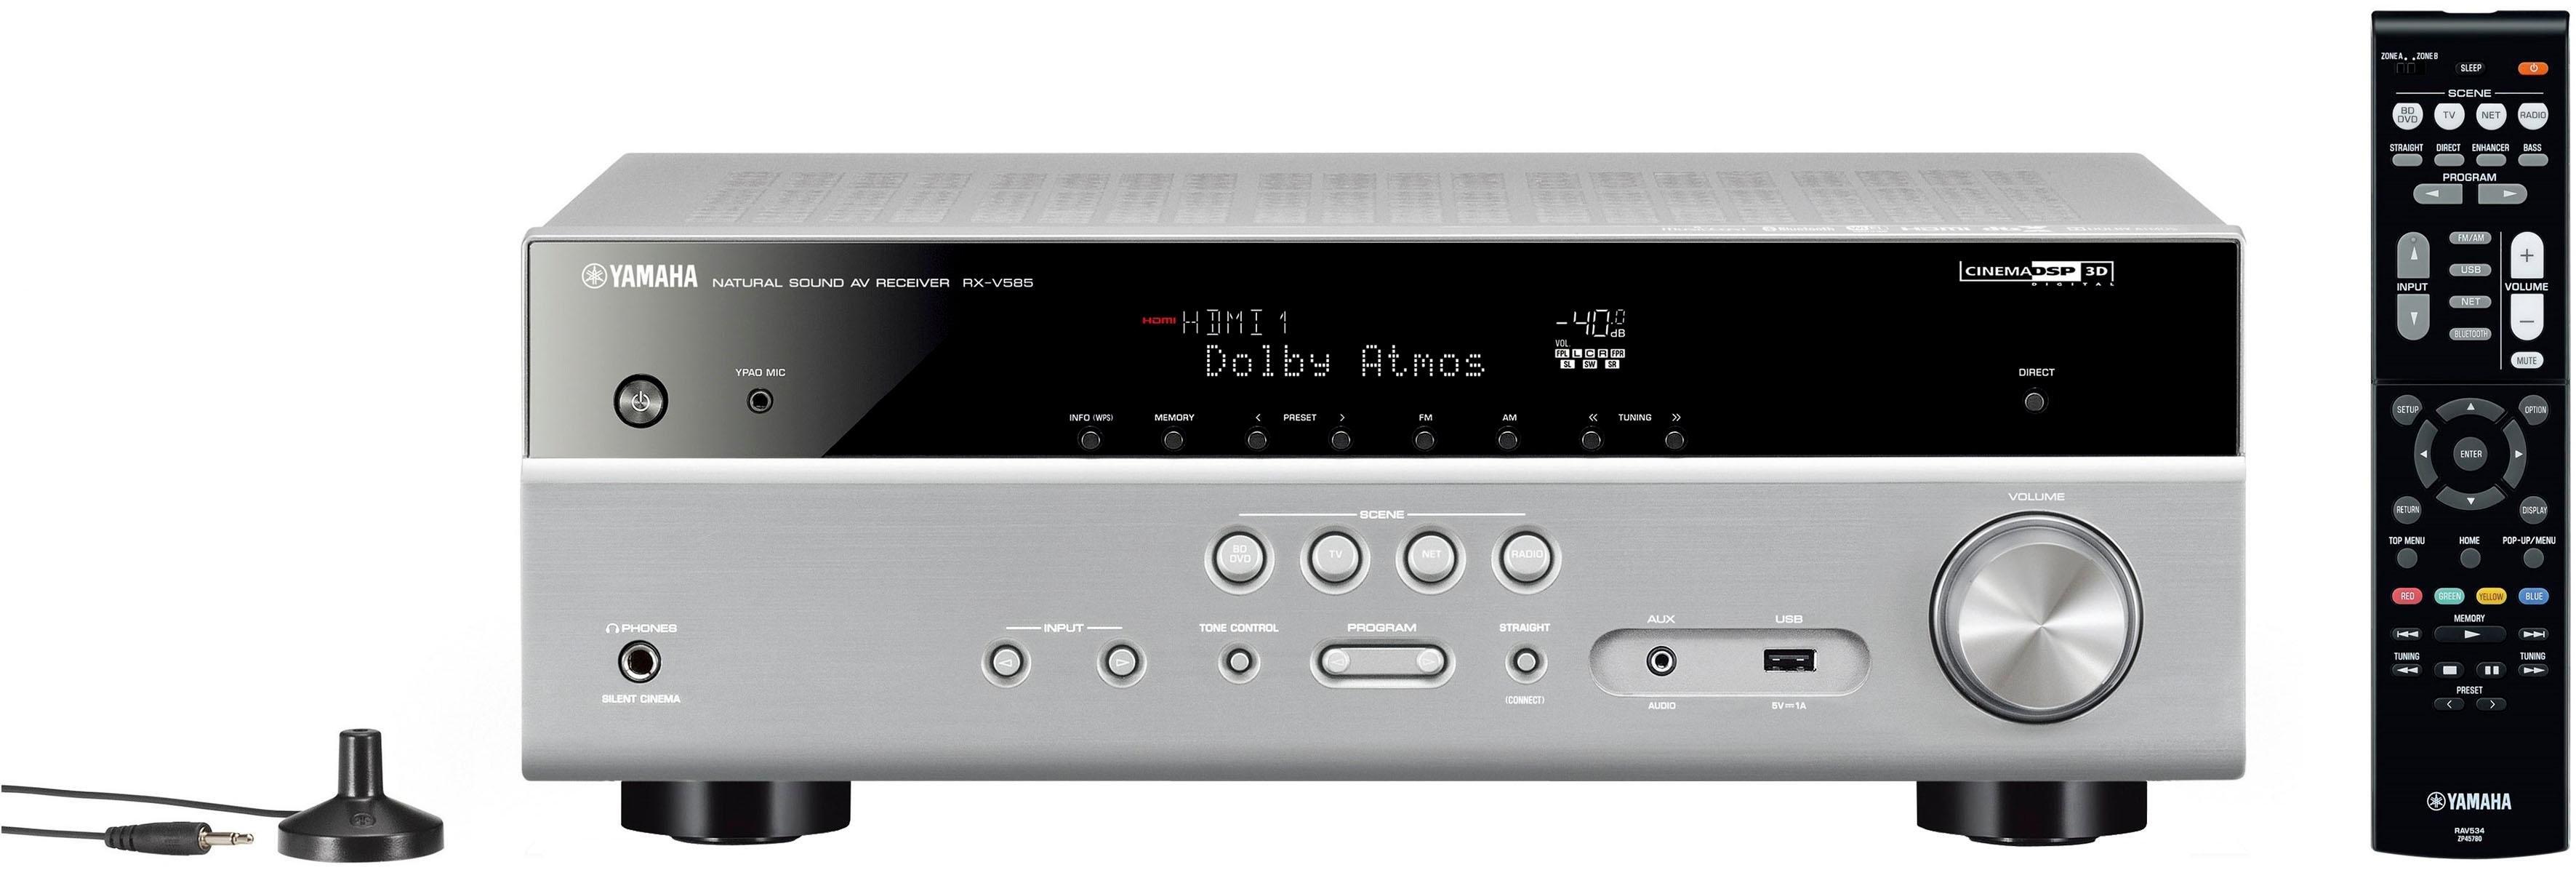 Yamaha »RX-V585« 7.2 AV-receiver (Bluetooth, wifi, LAN (ethernet), 4K-upscalingtechniek) - gratis ruilen op otto.nl